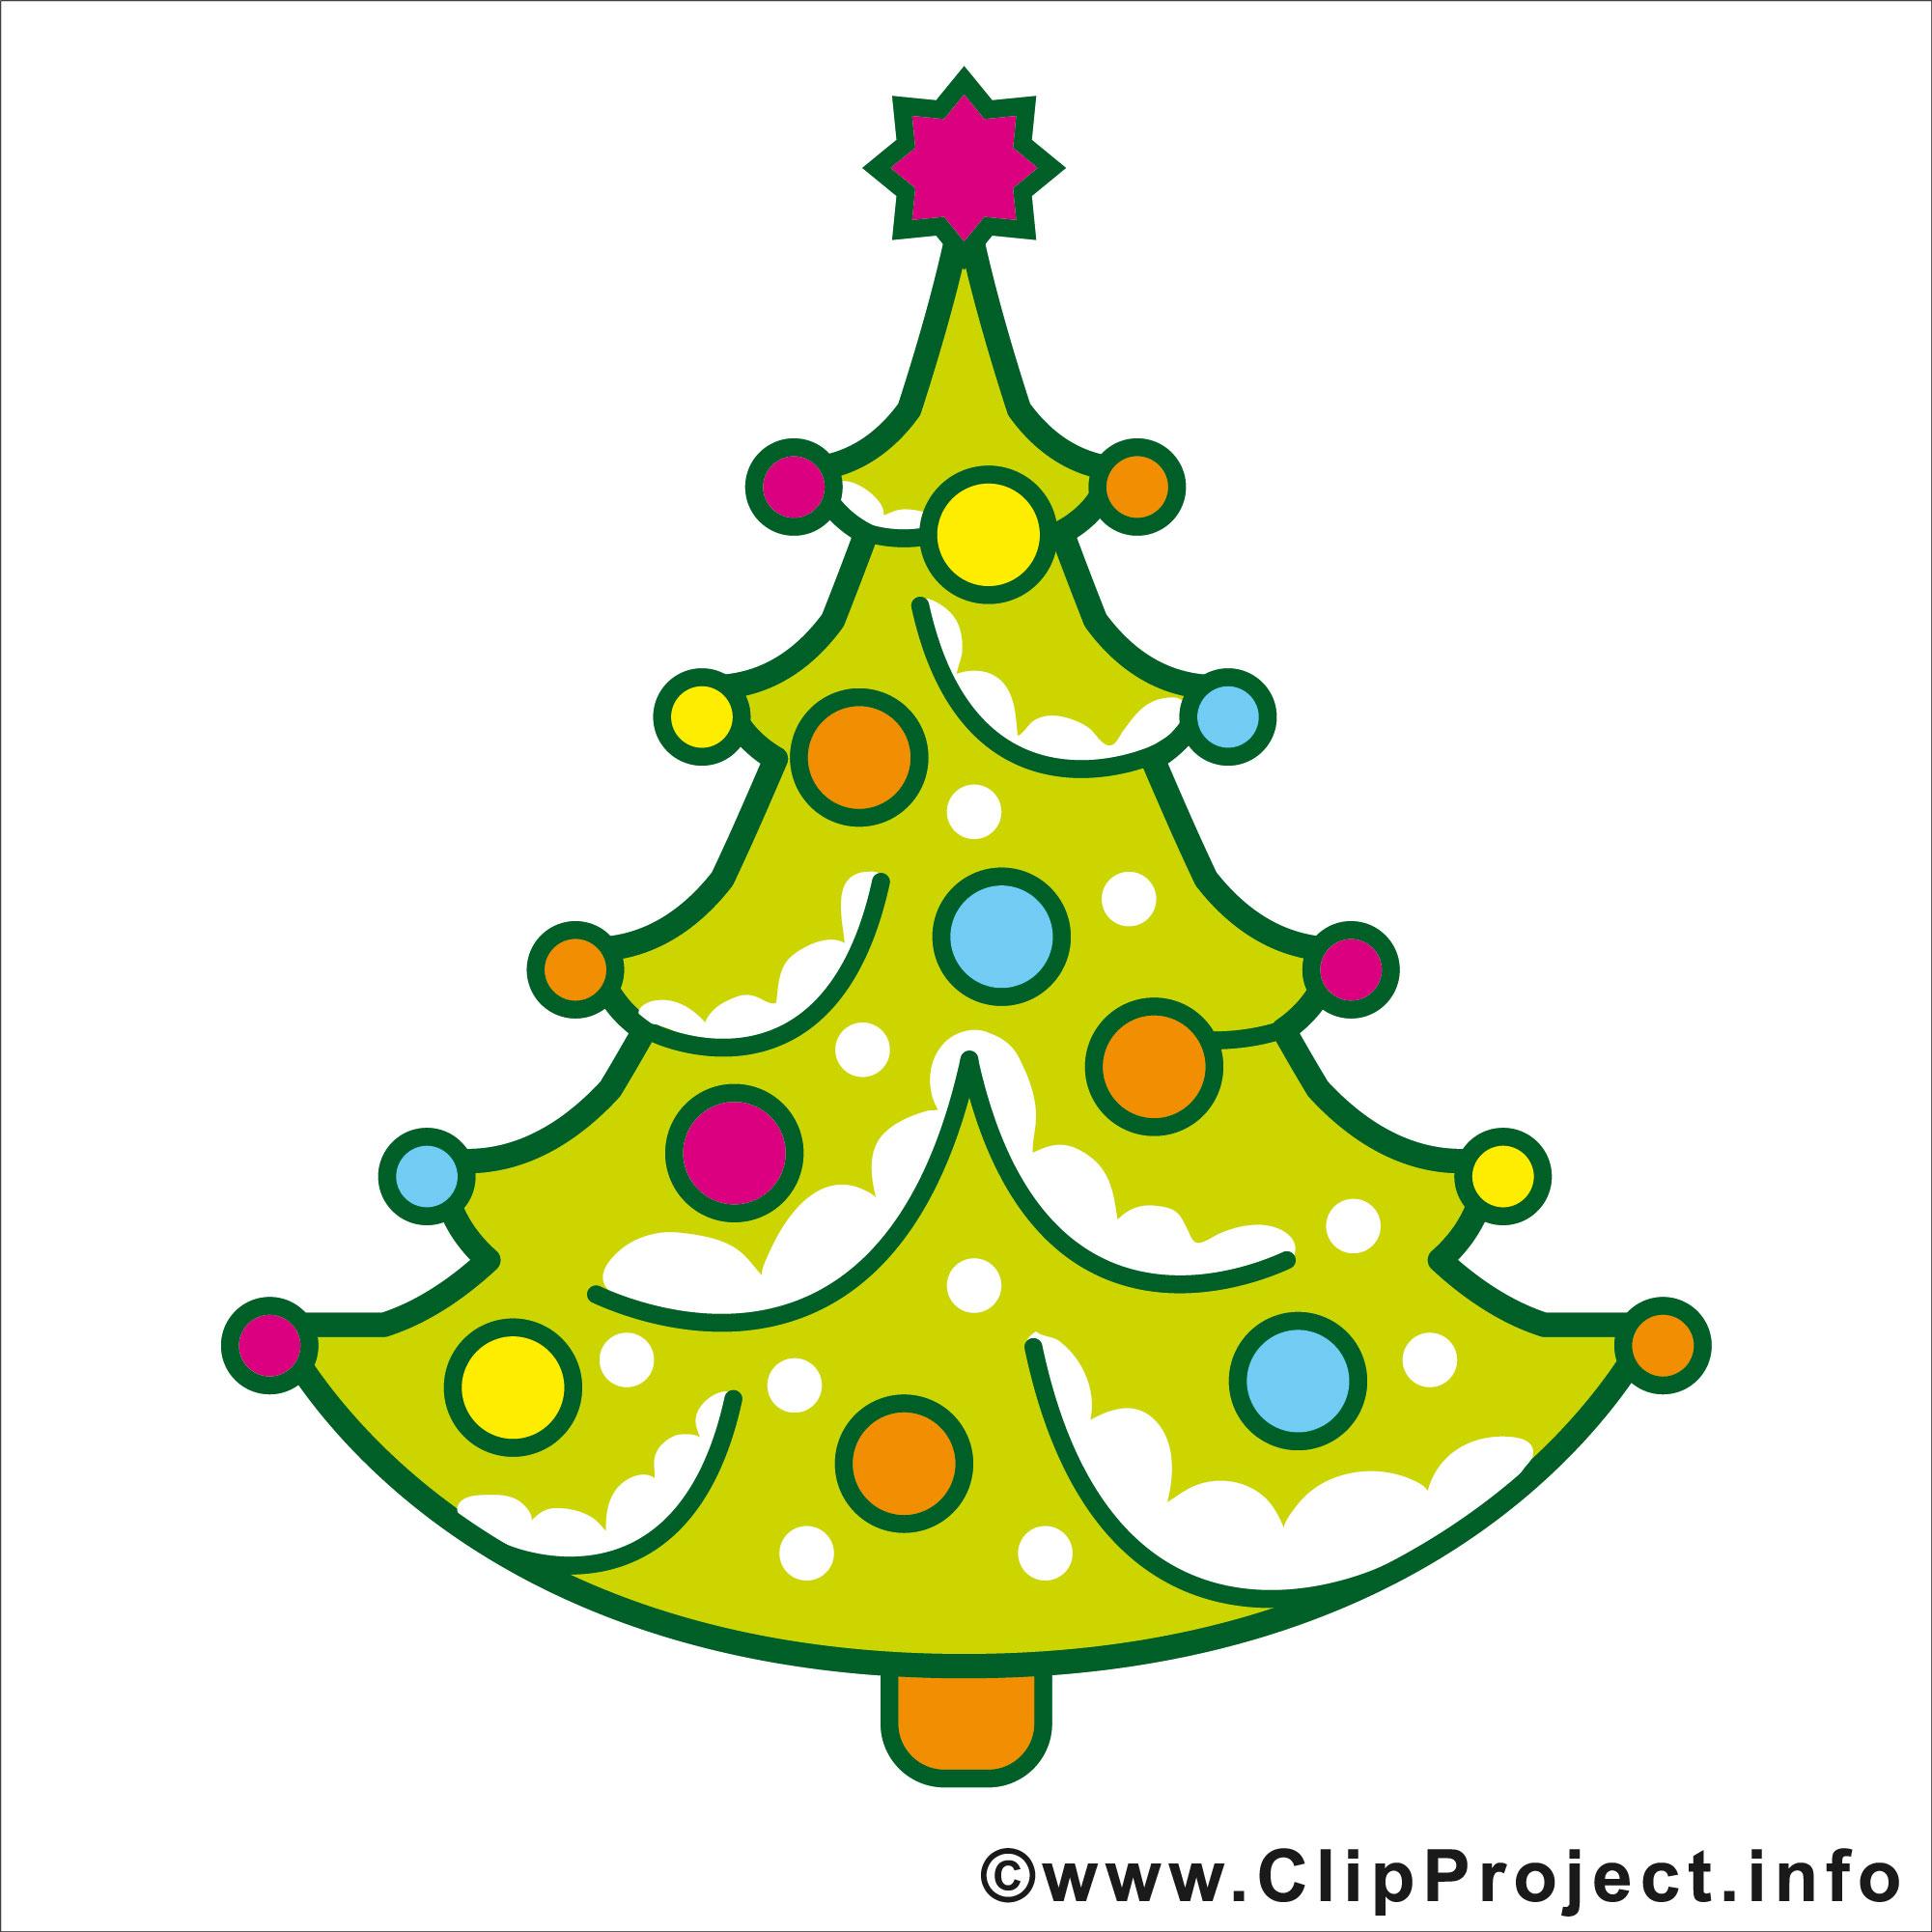 Clip art Sapin de Noël gratuite - Cartes de Noël dessin ...